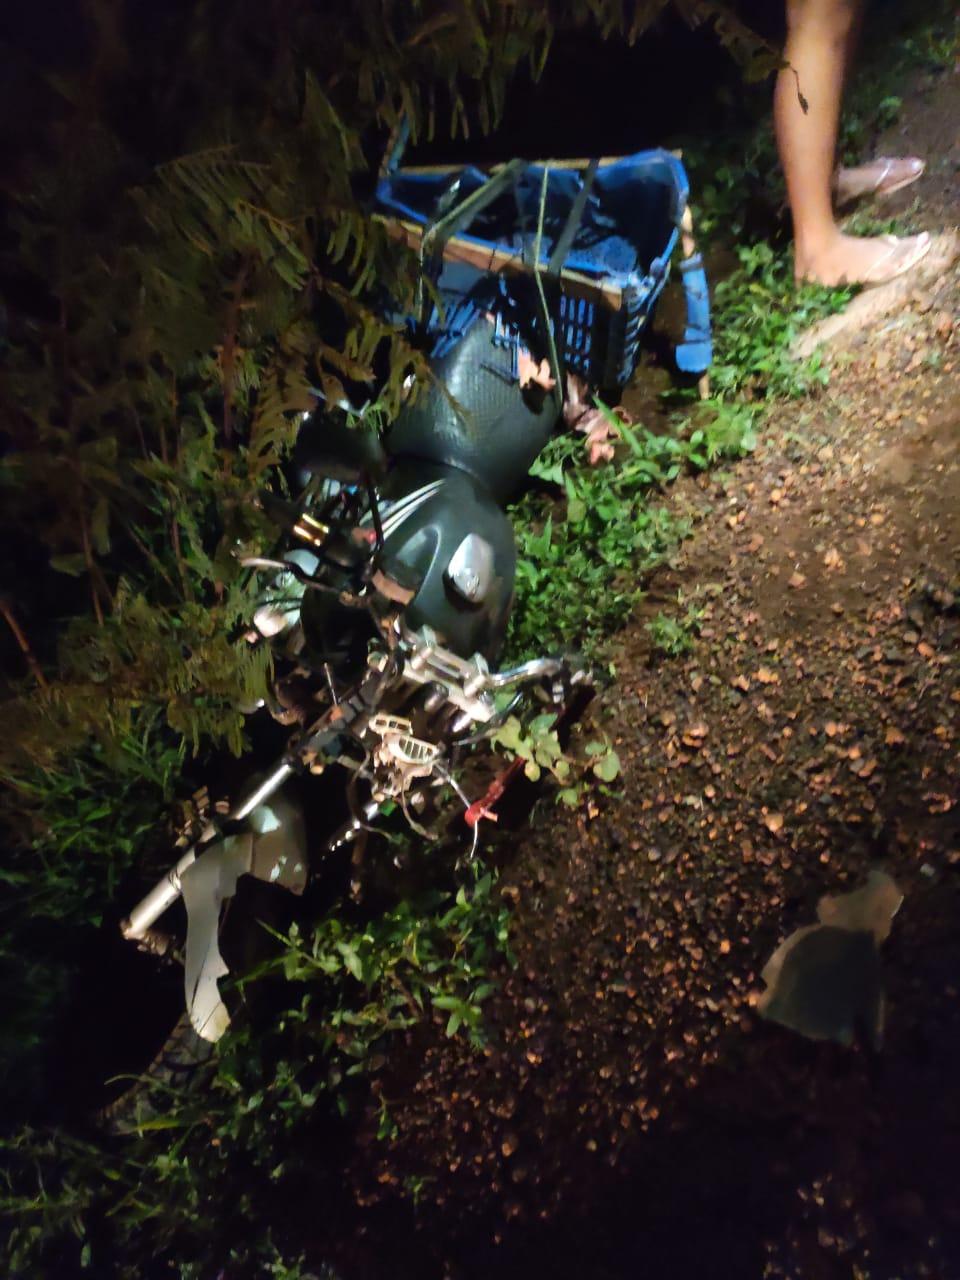 Motociclista fica ferido após acidente em entroncamento de rodovias em Valença, PI